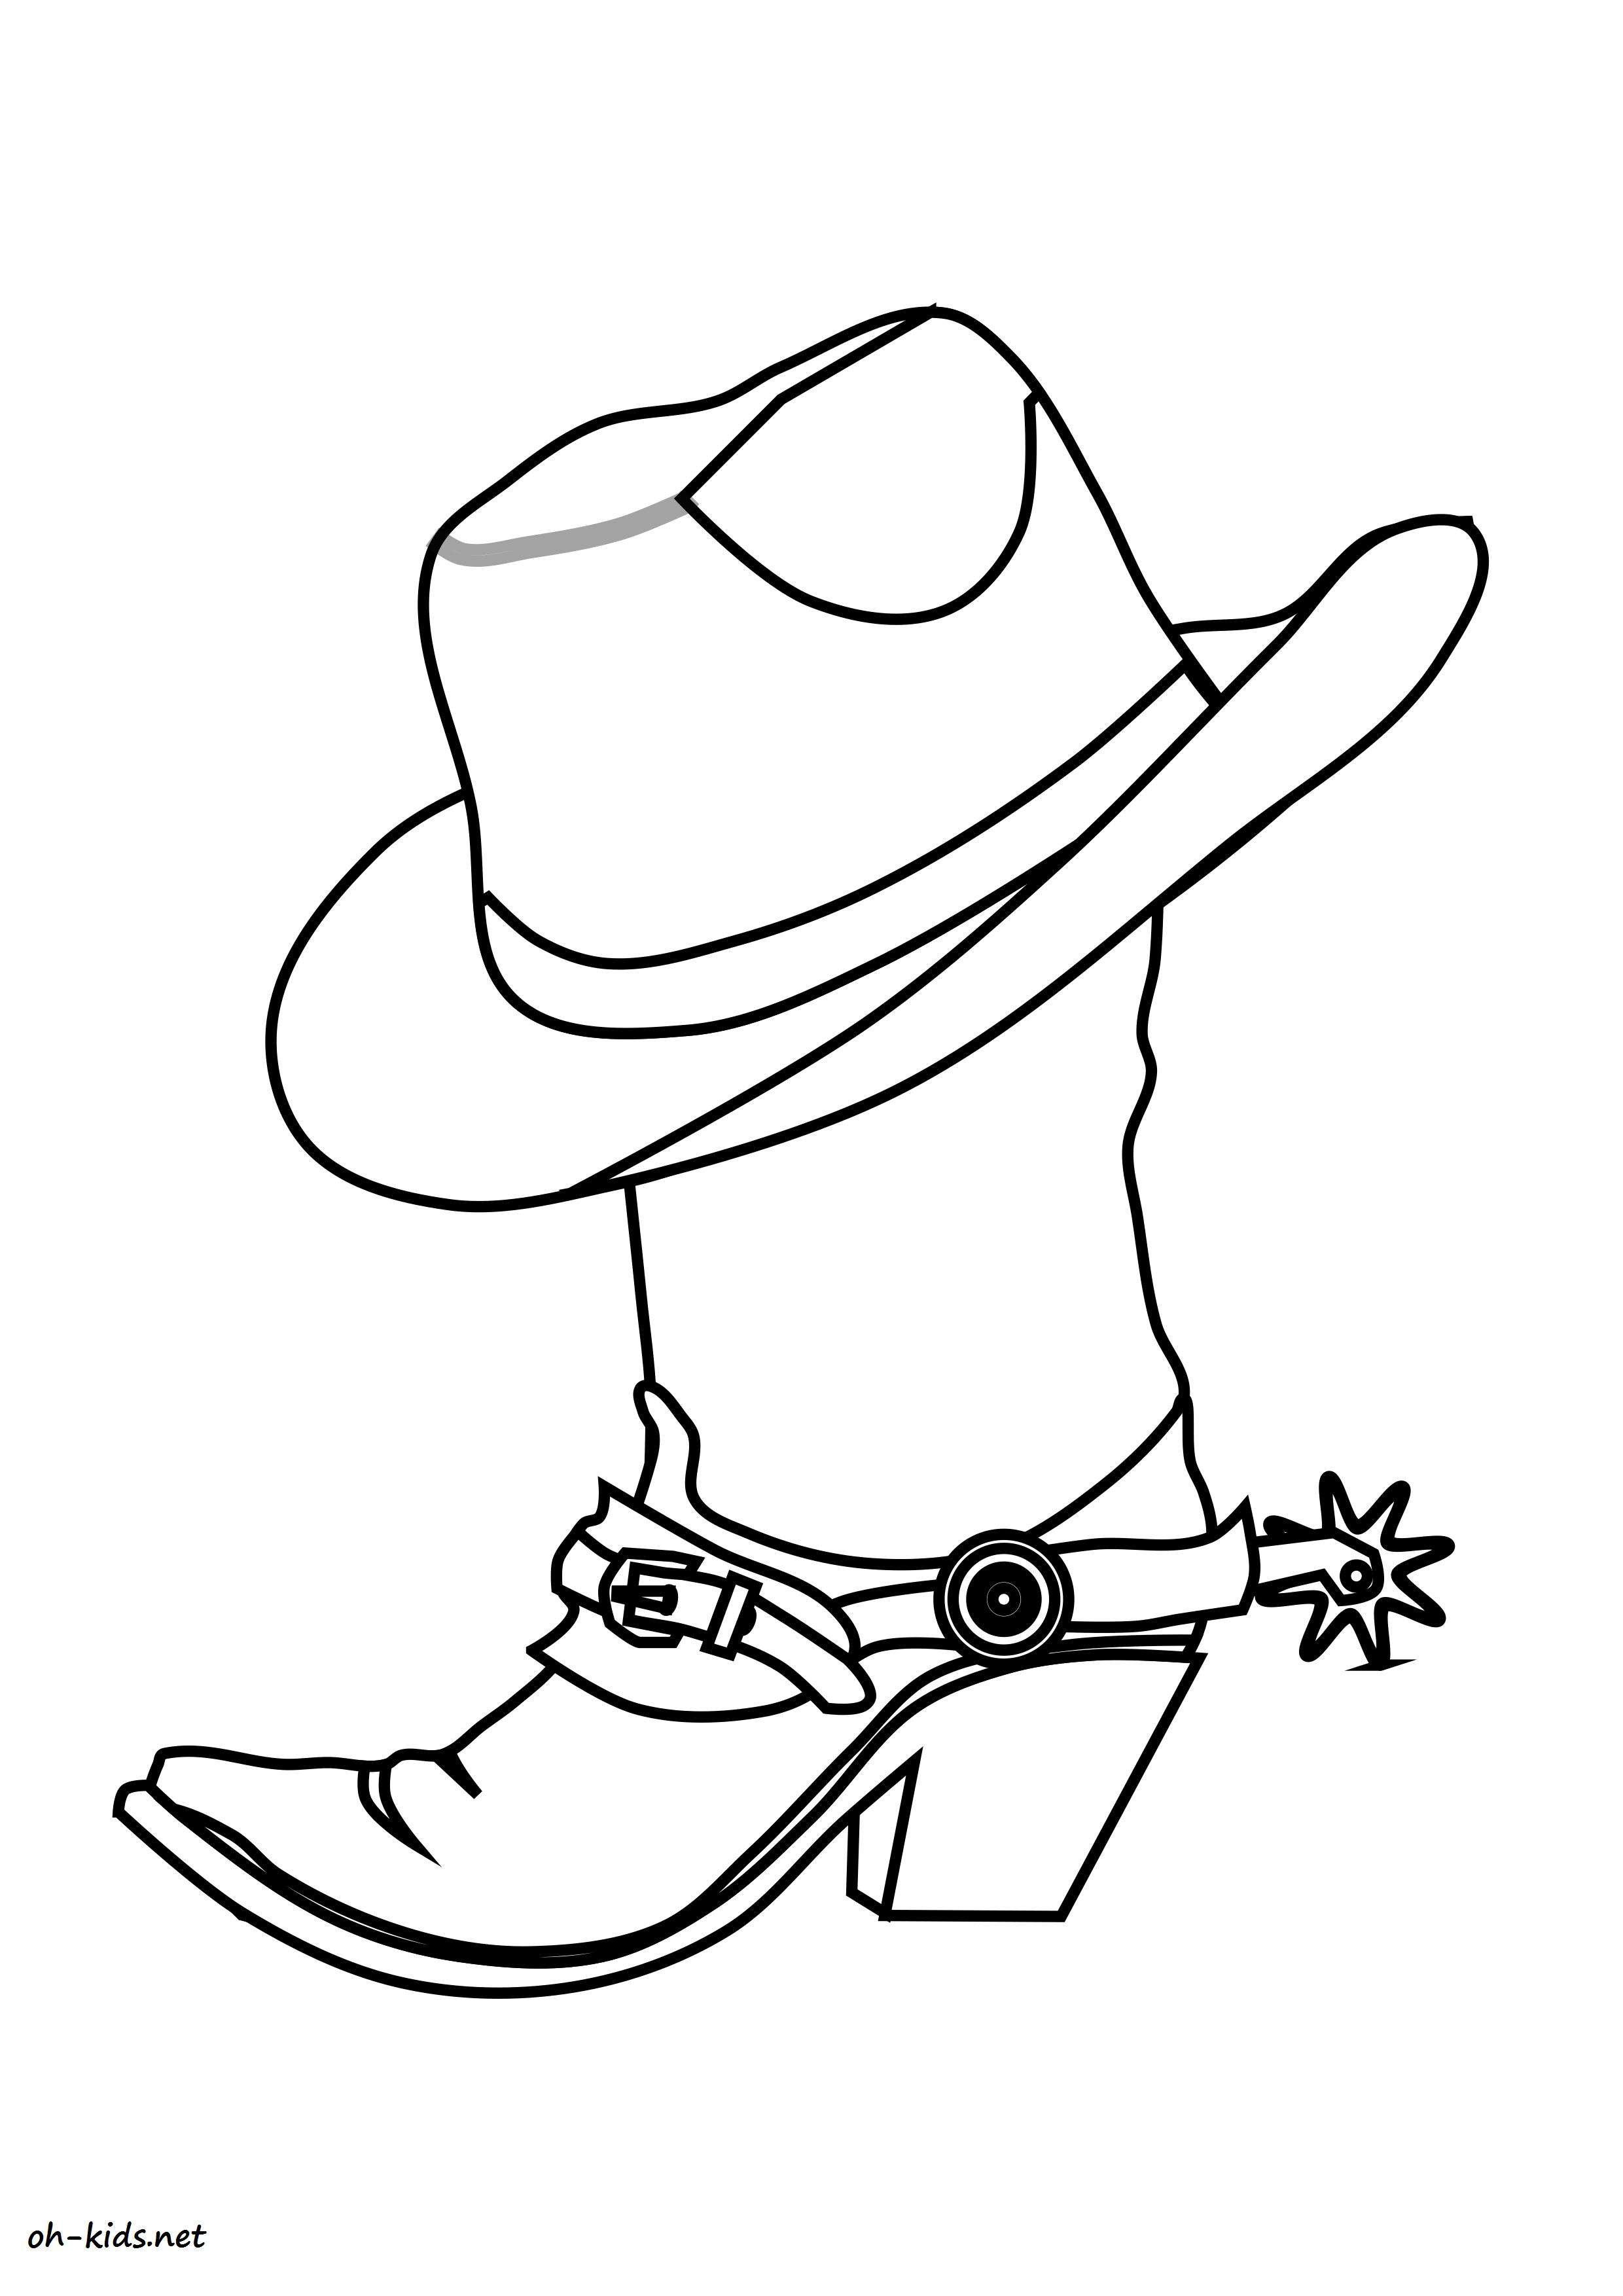 Coloriage cowboy - oh Kids FR